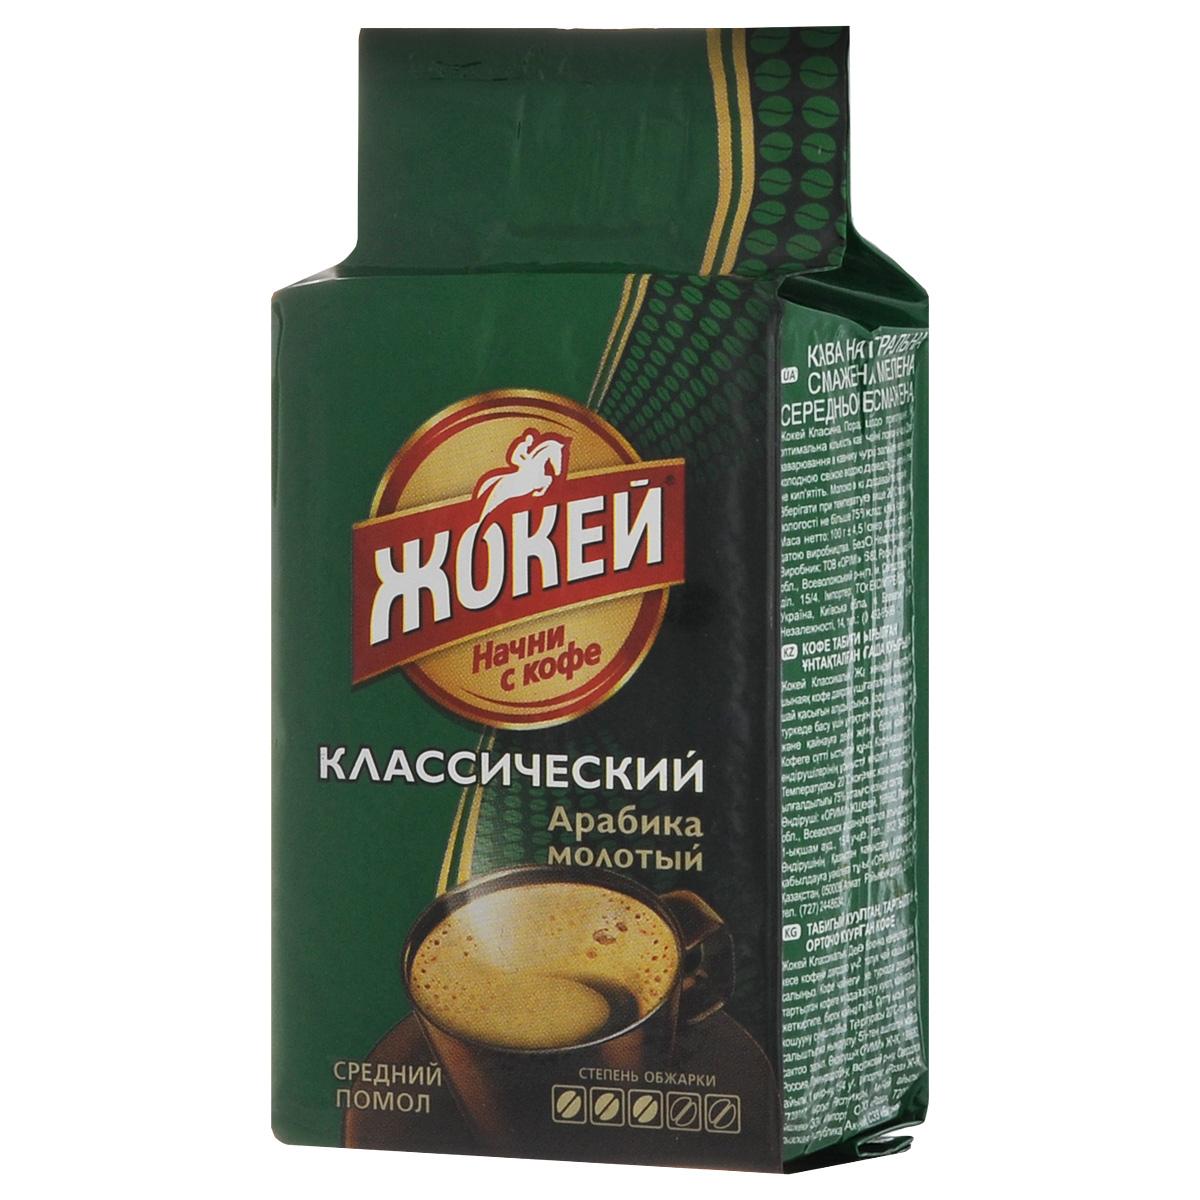 Жокей Классический кофе молотый, 100 г